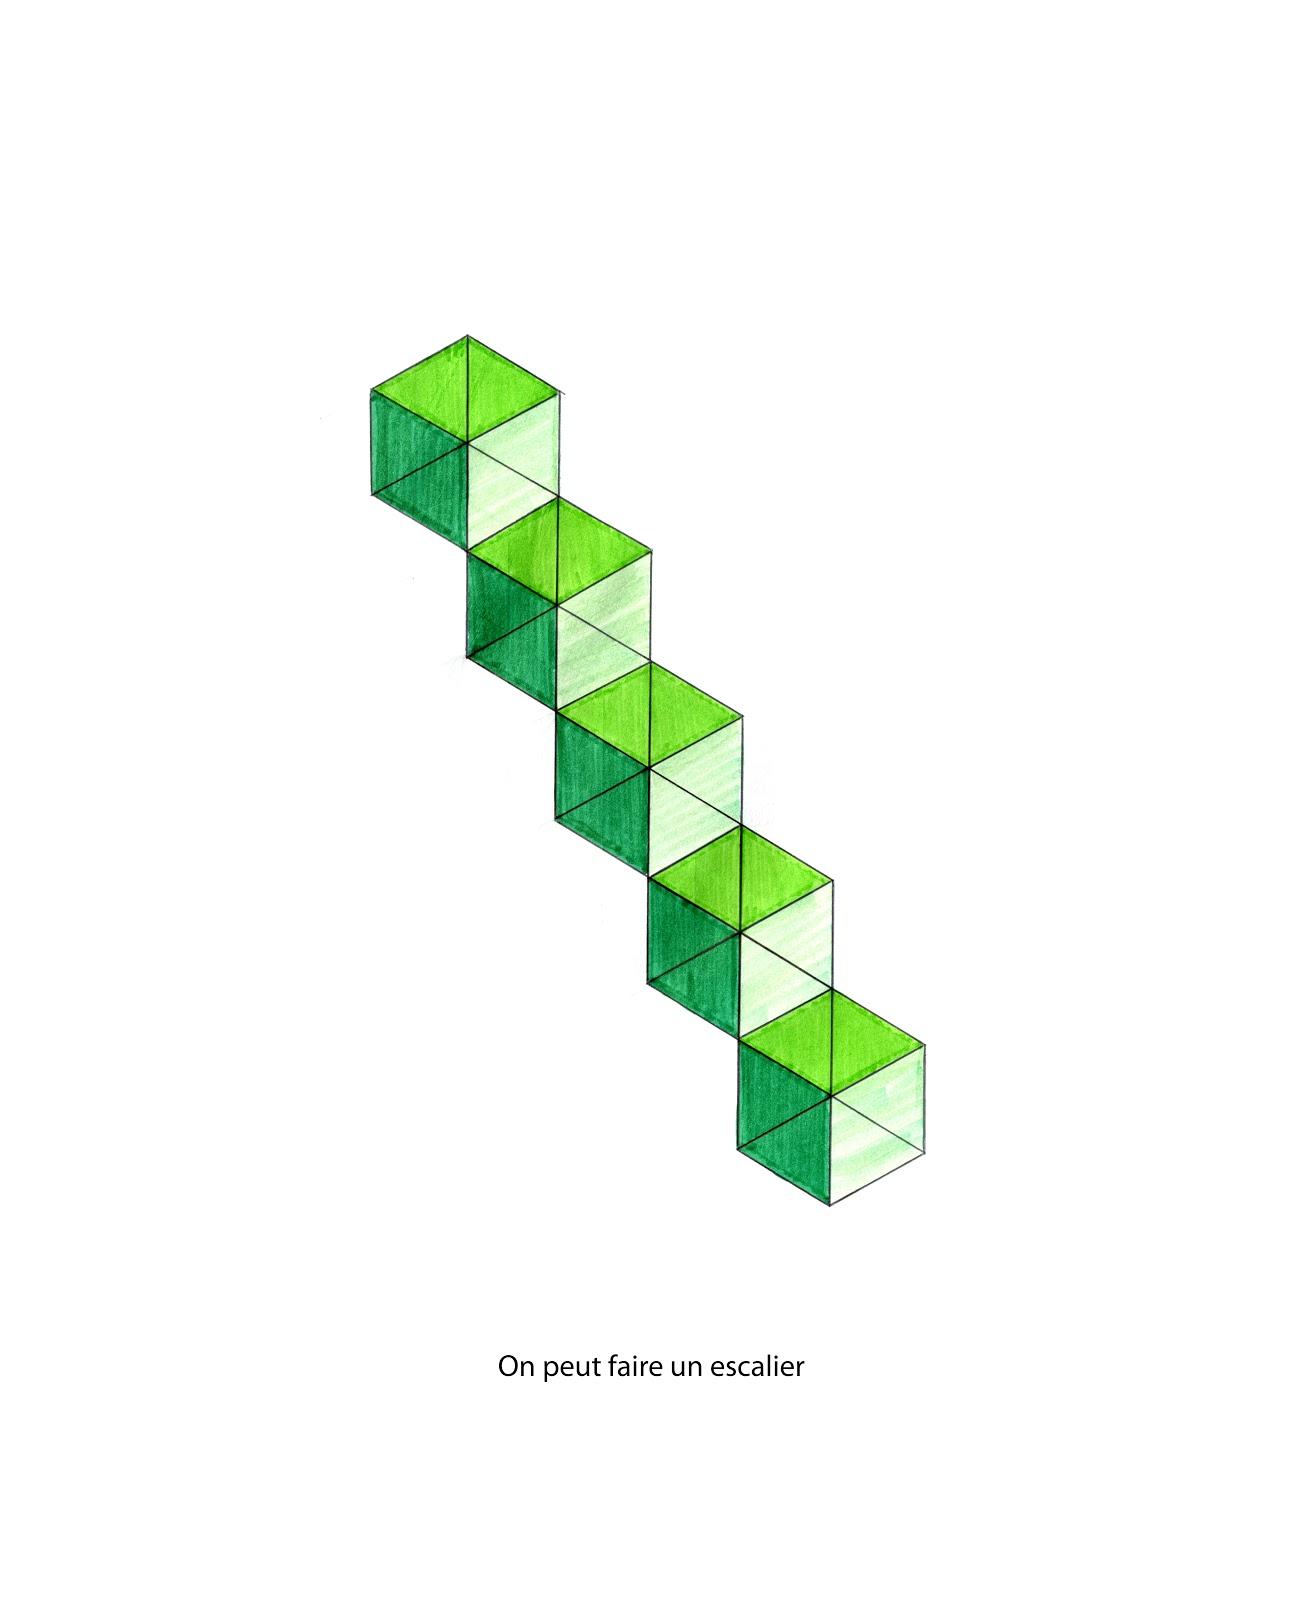 h l ne thomas tout ce que l 39 on peut faire avec un cube. Black Bedroom Furniture Sets. Home Design Ideas